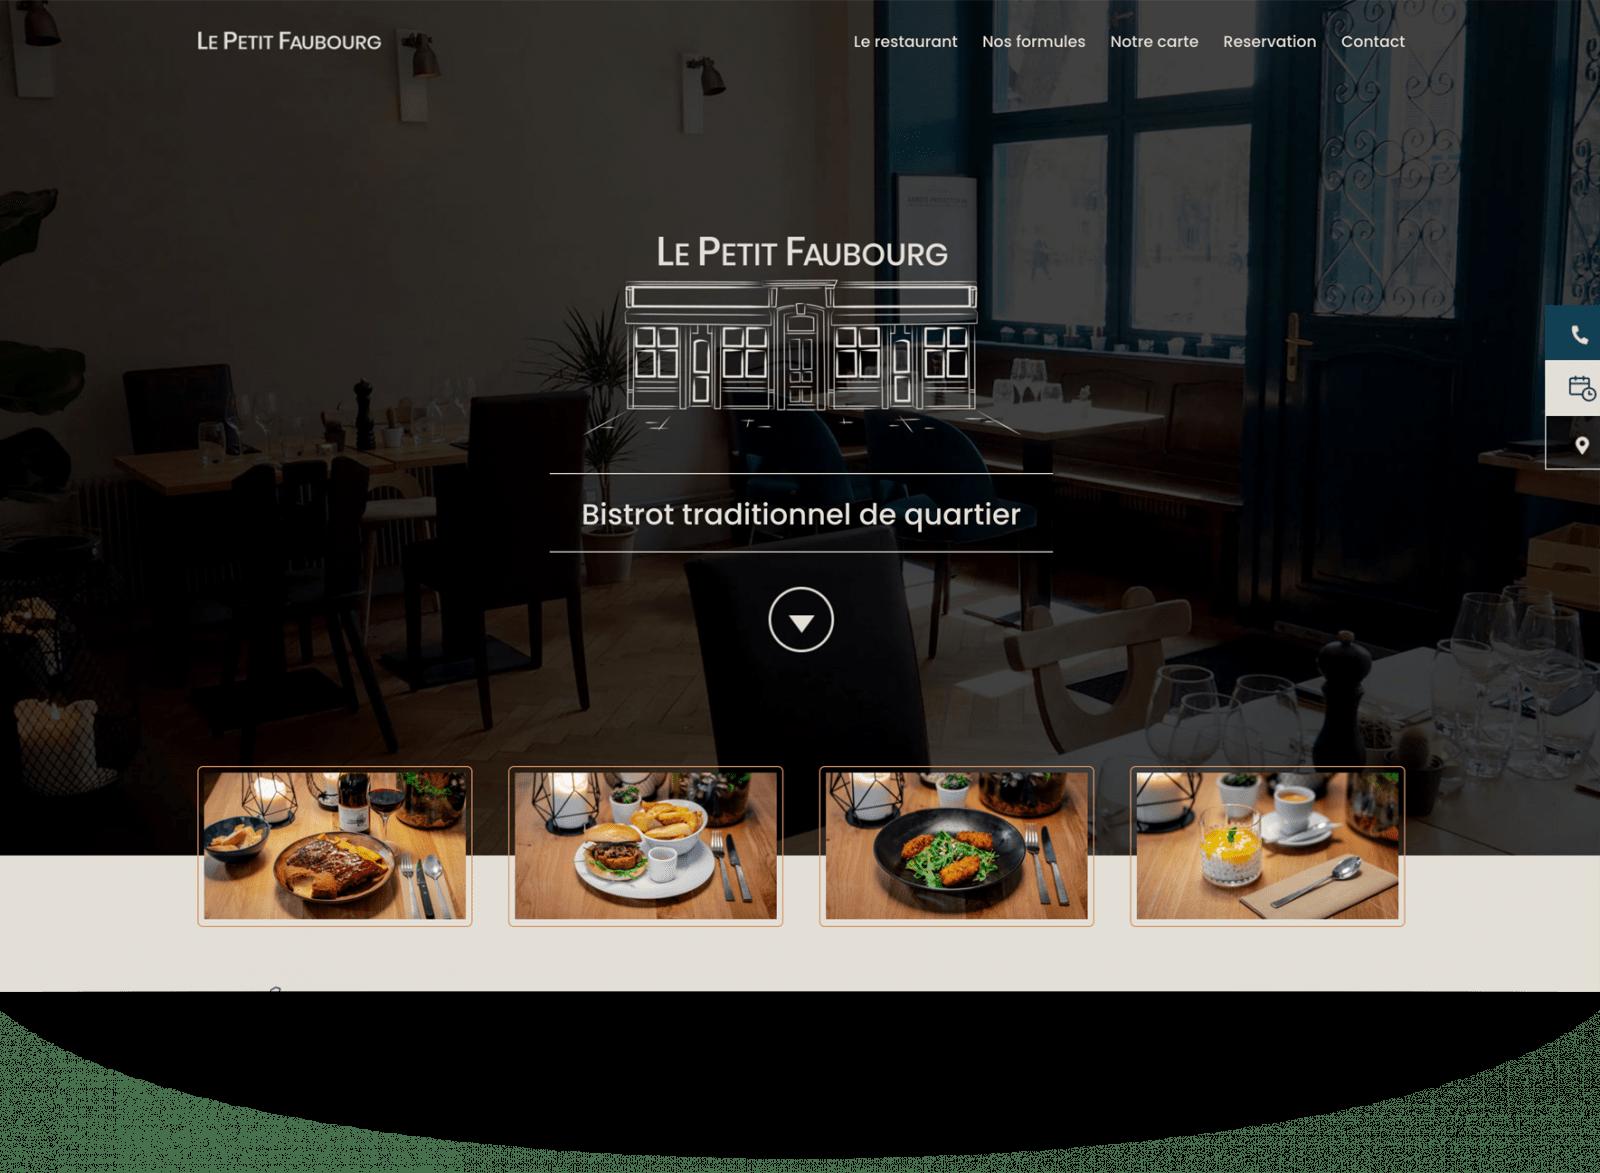 Création d'identité visuelle et site internet pour restaurant